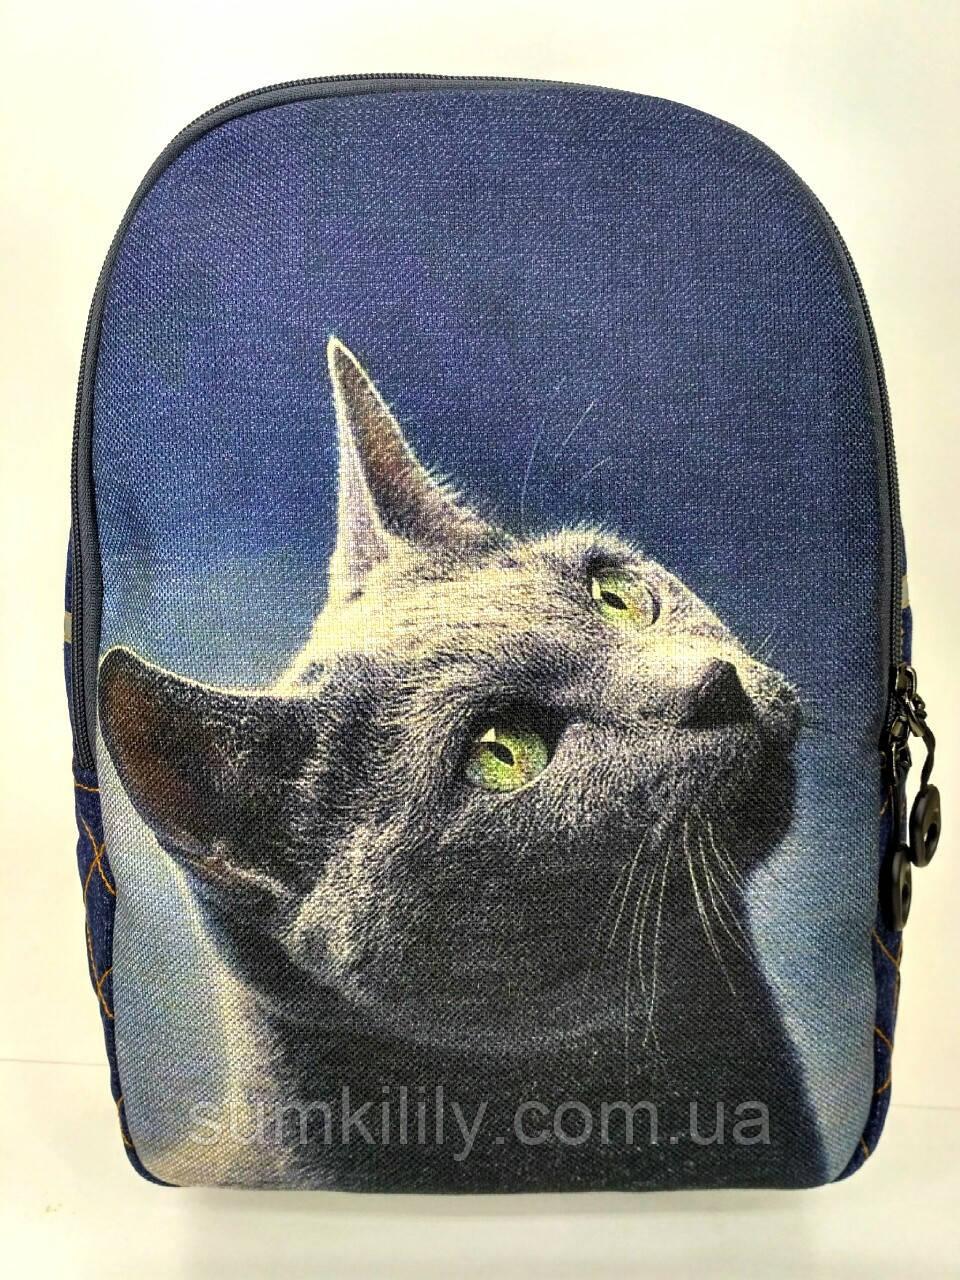 Текстильный рюкзак РУССКАЯ ГОЛУБАЯ